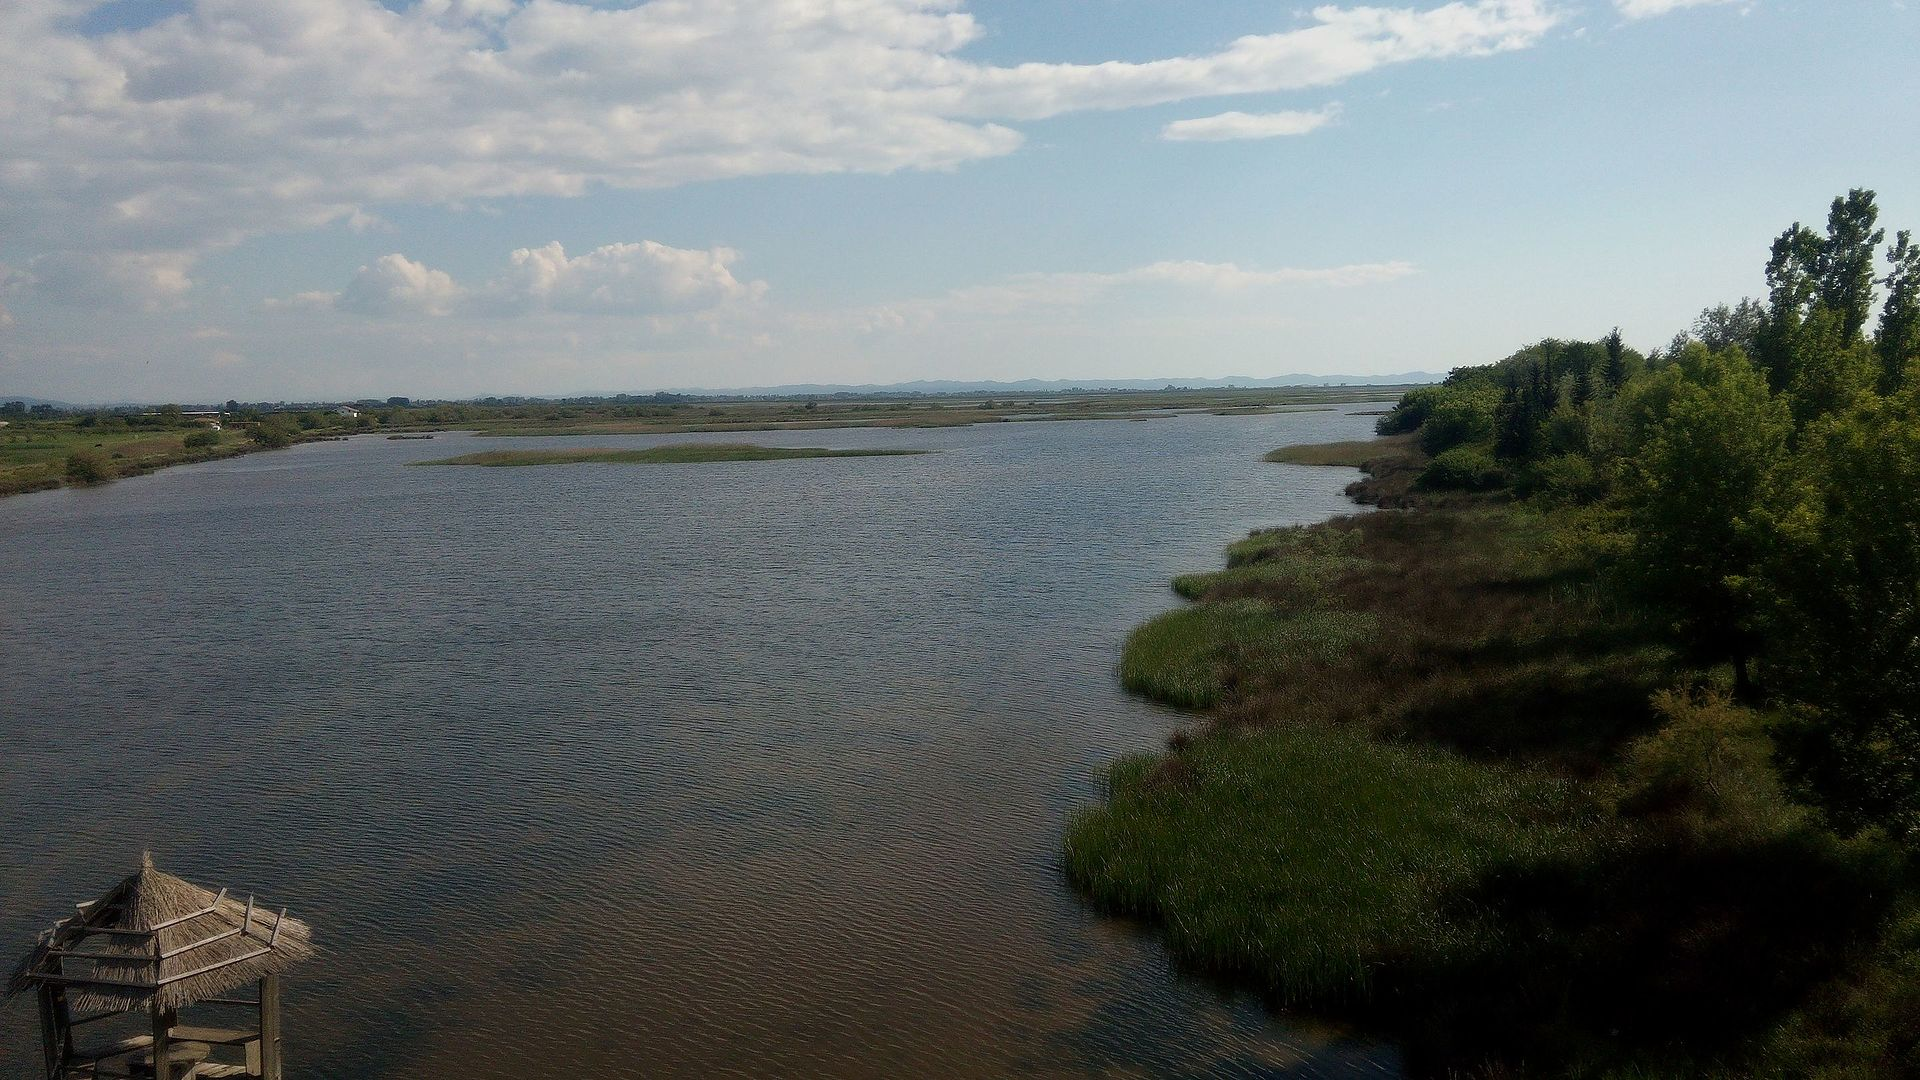 kune-vain lagoon